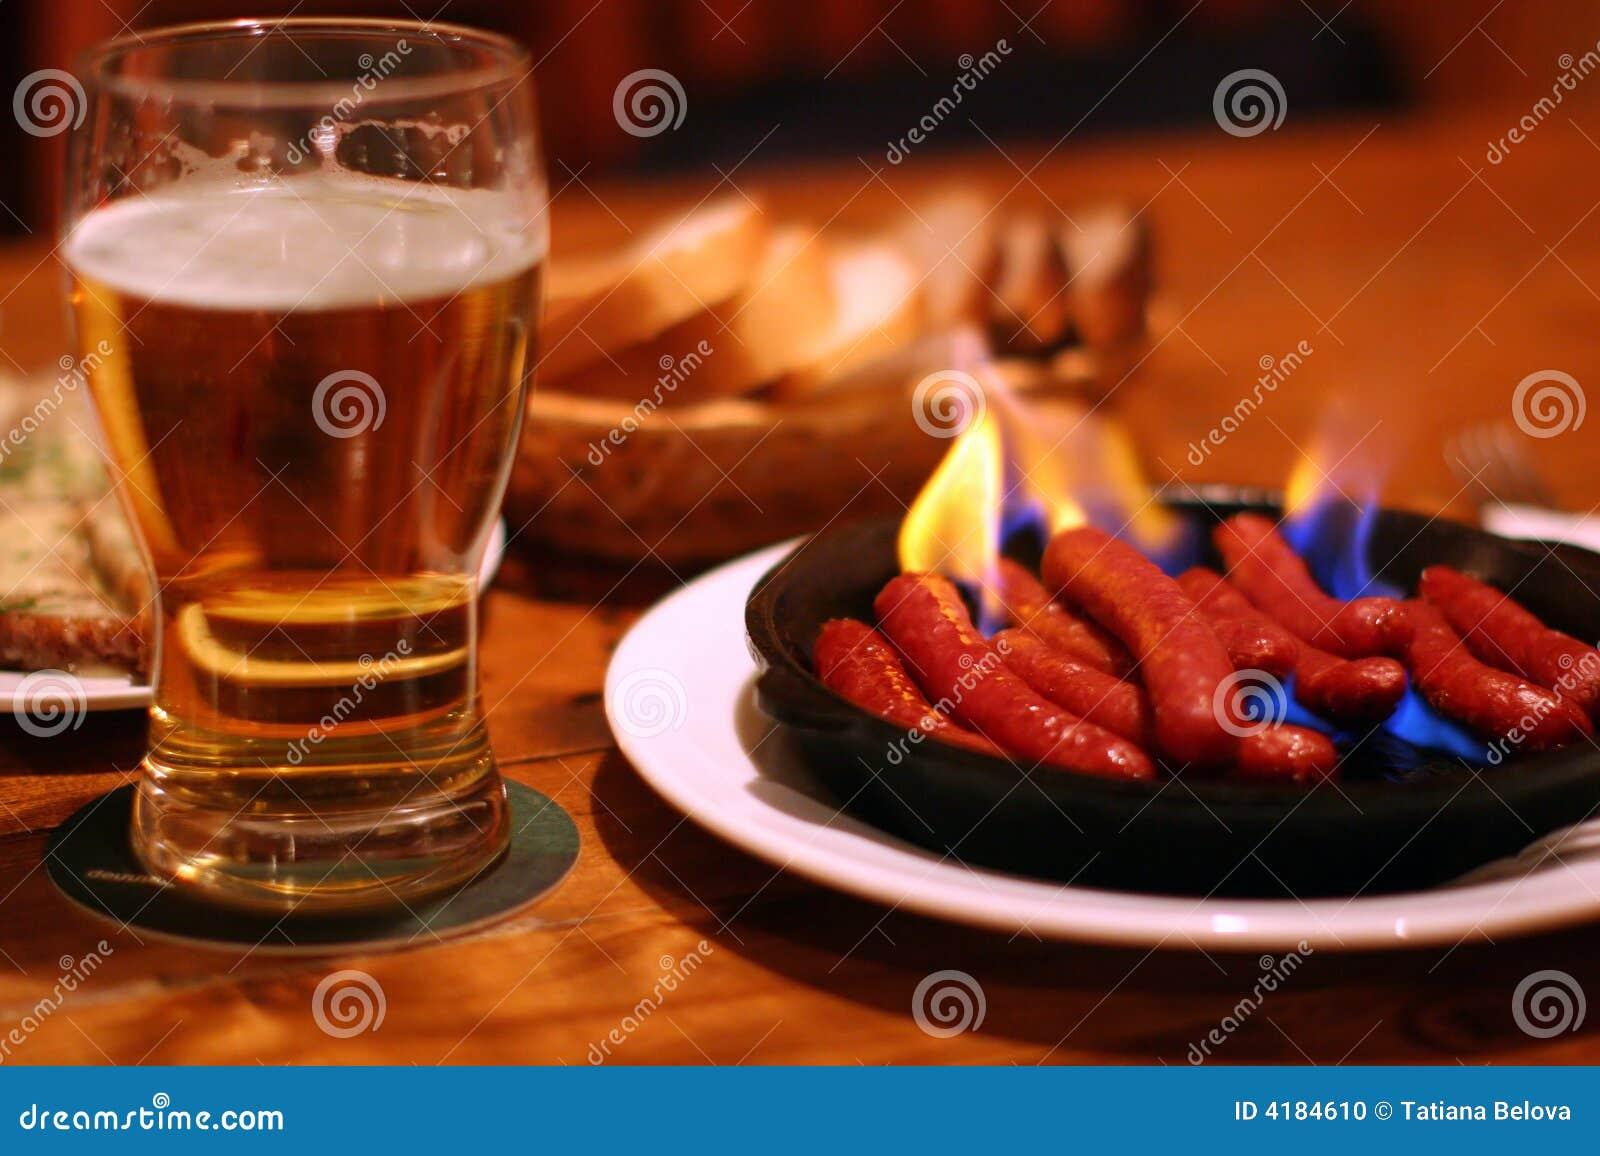 Cerveza y salchichas fritas